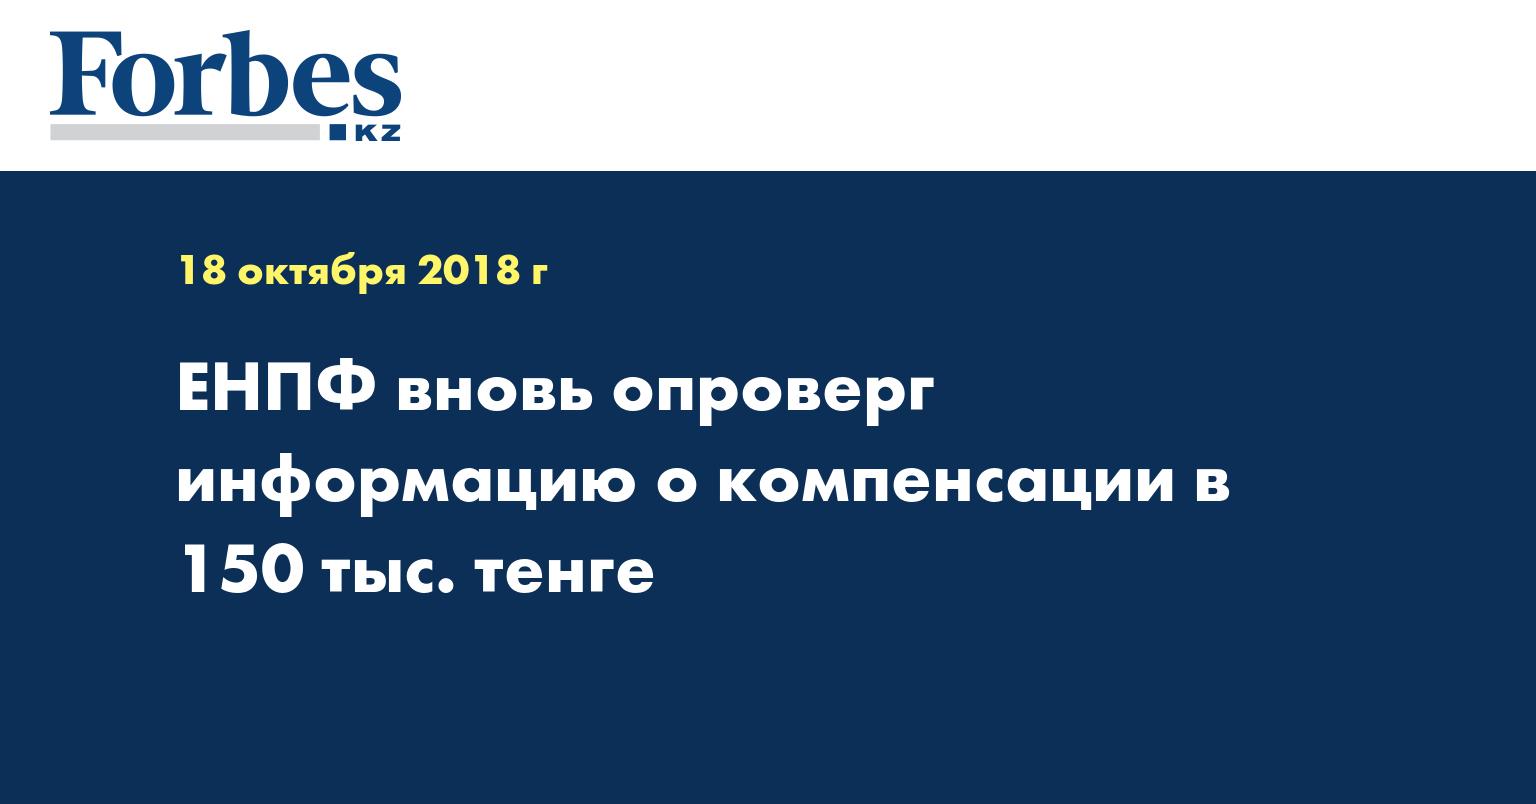 ЕНПФ вновь опроверг информацию о компенсации в 150 тыс. тенге